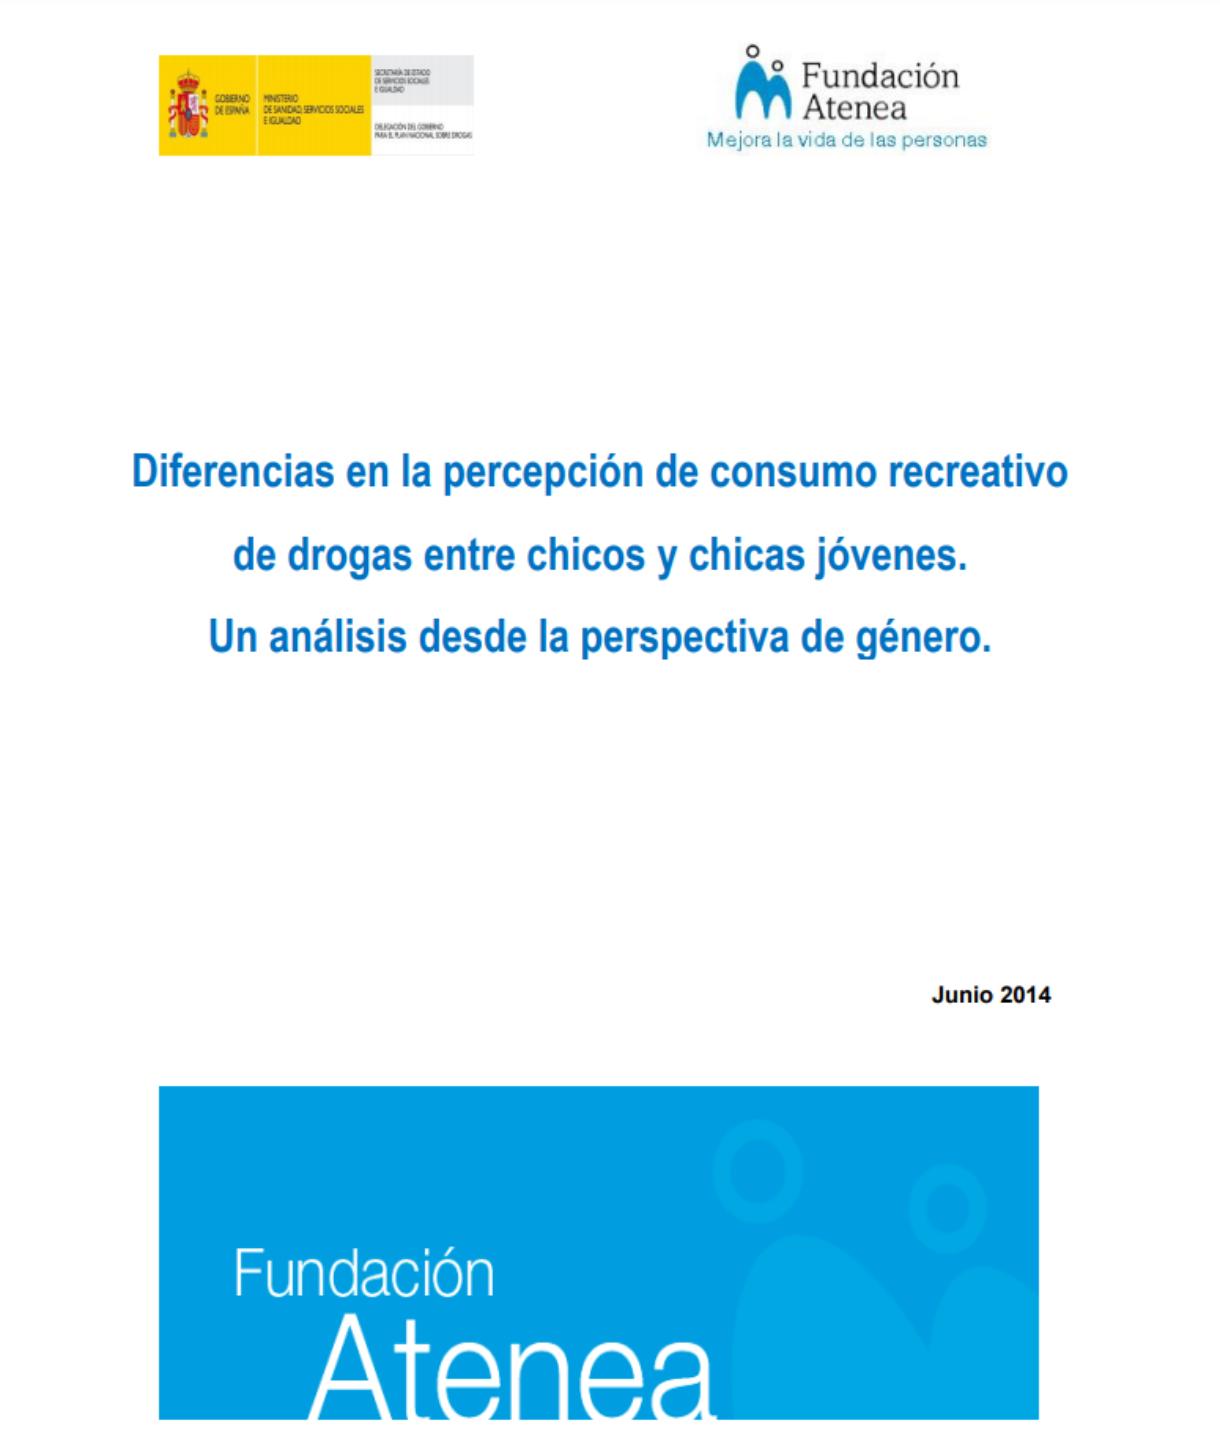 Diferencias en la percepción de consumo recreativo  de drogas entre chicos y chicas jóvenes.  Un análisis desde la perspectiva de género.